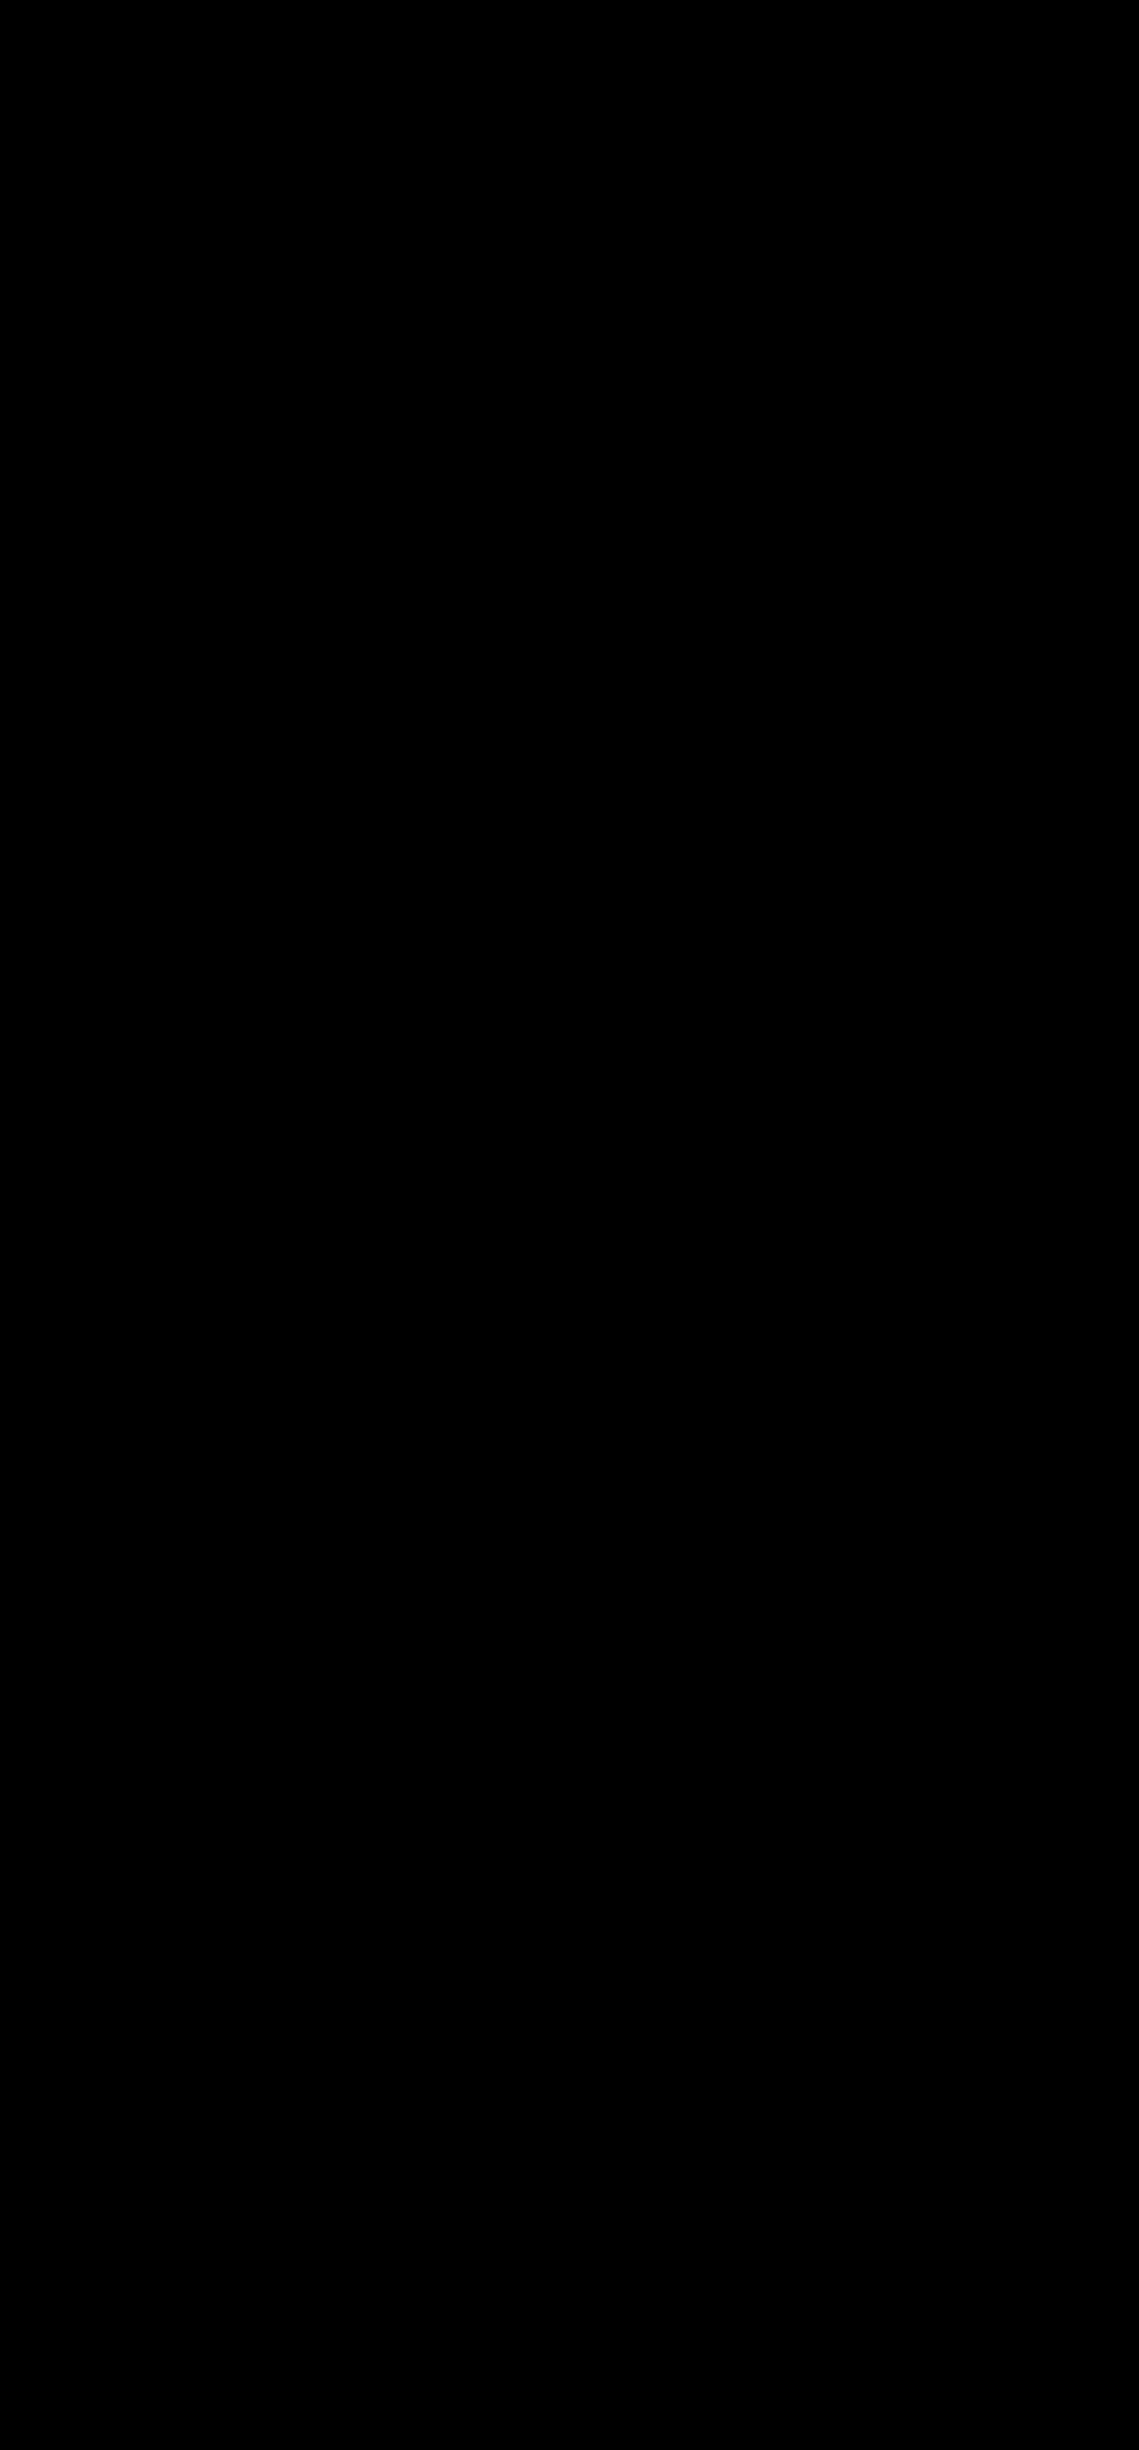 Vector Line Designs